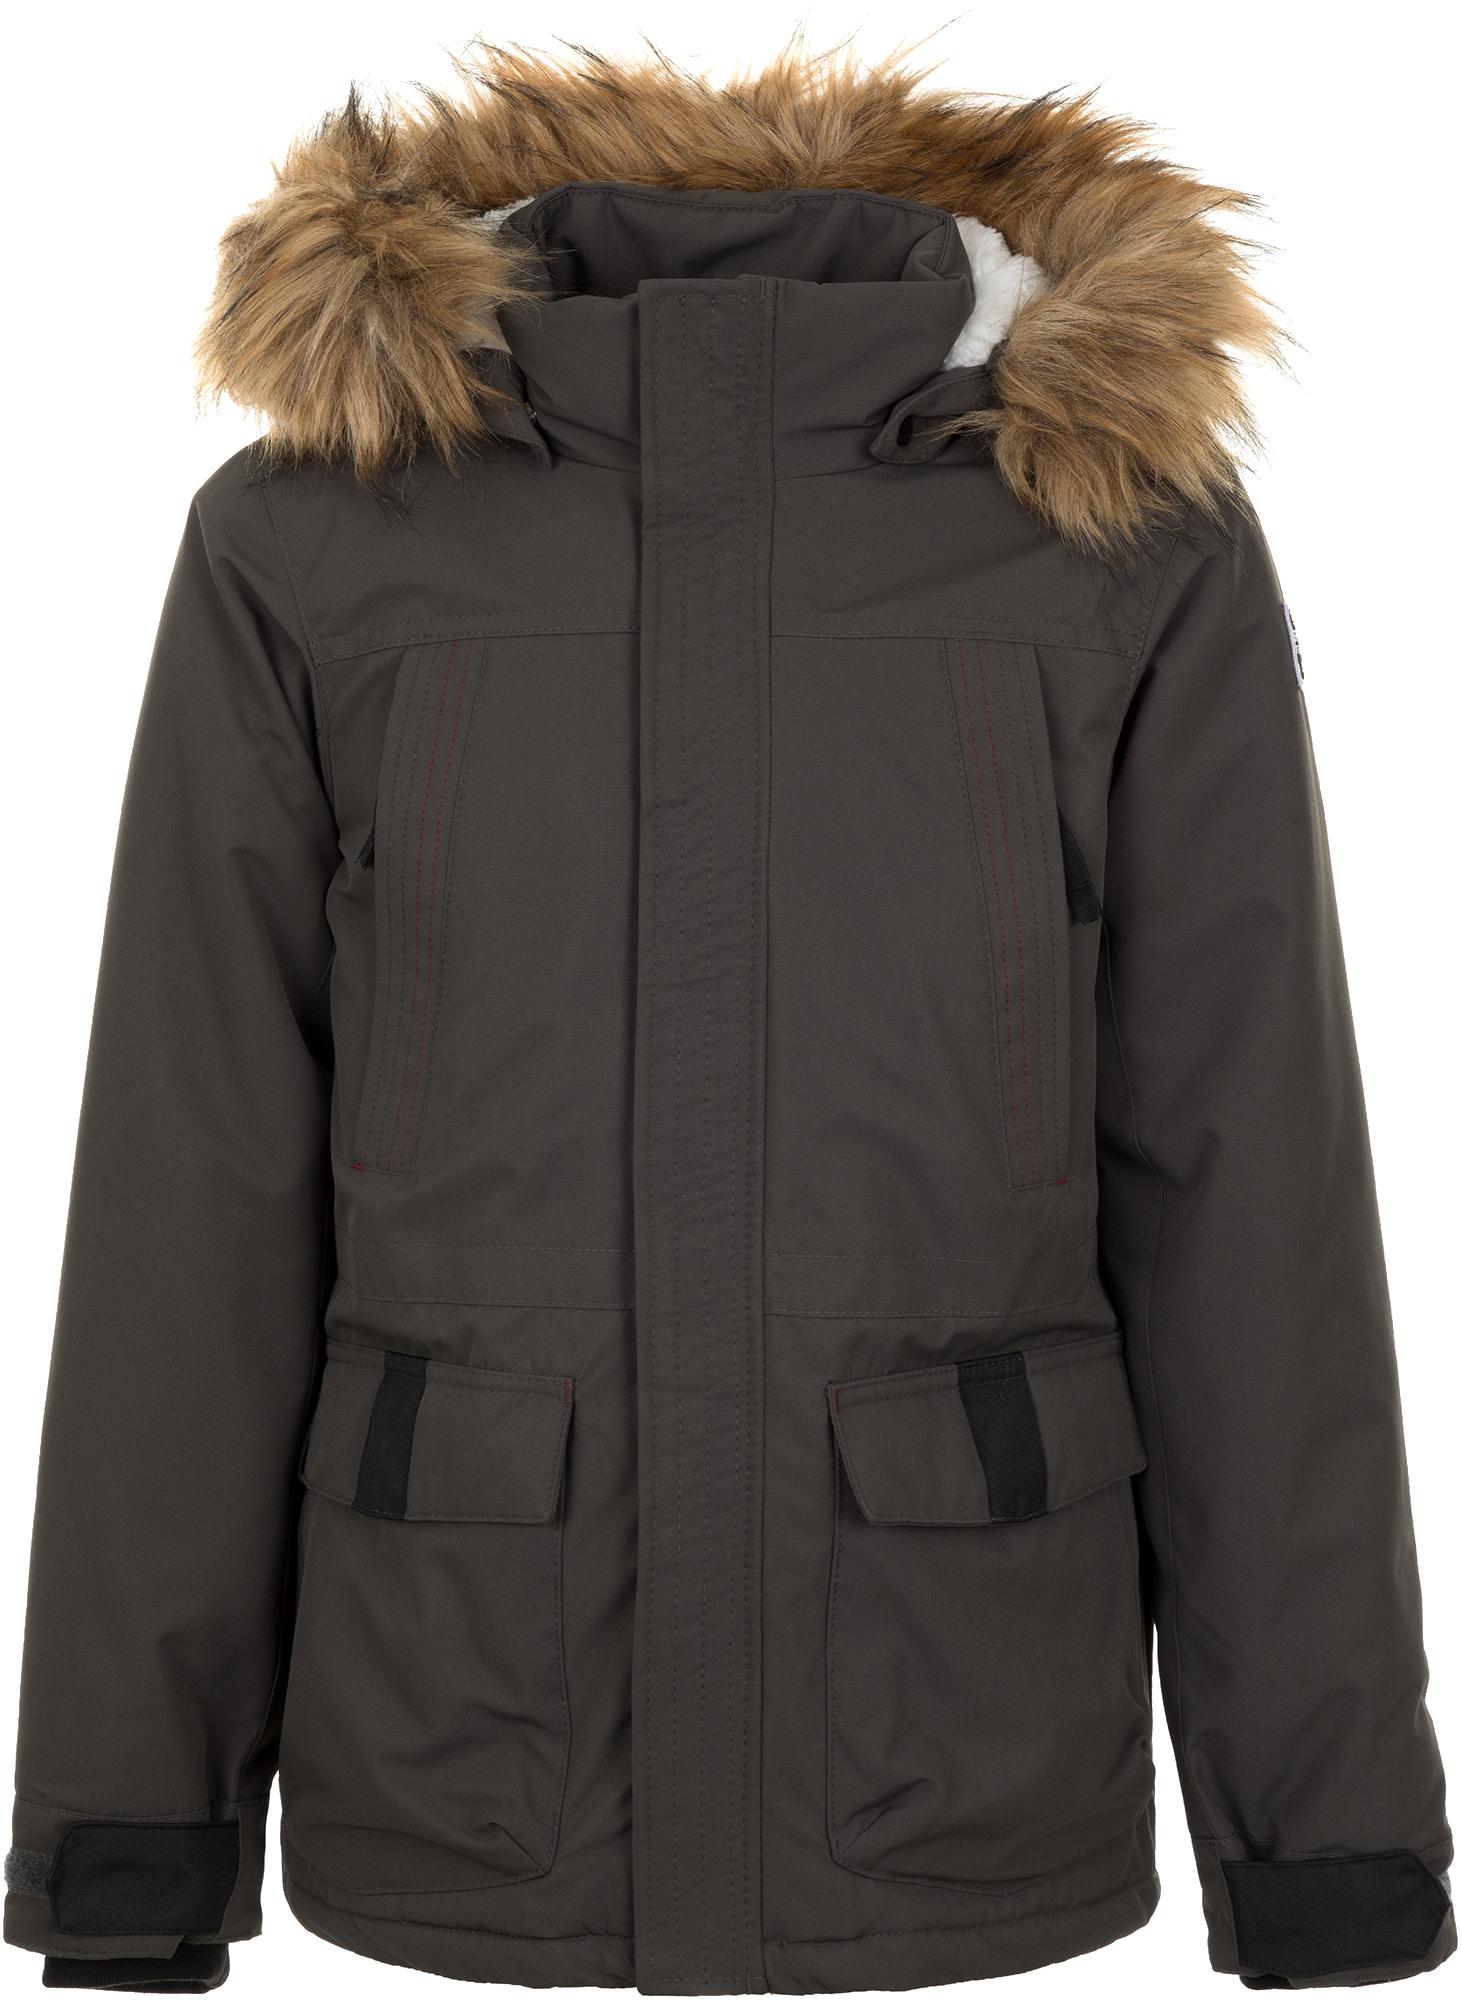 Luhta Куртка утепленная для мальчиков Luhta Kai, размер 140 luhta куртка утепленная женская luhta petre размер 52